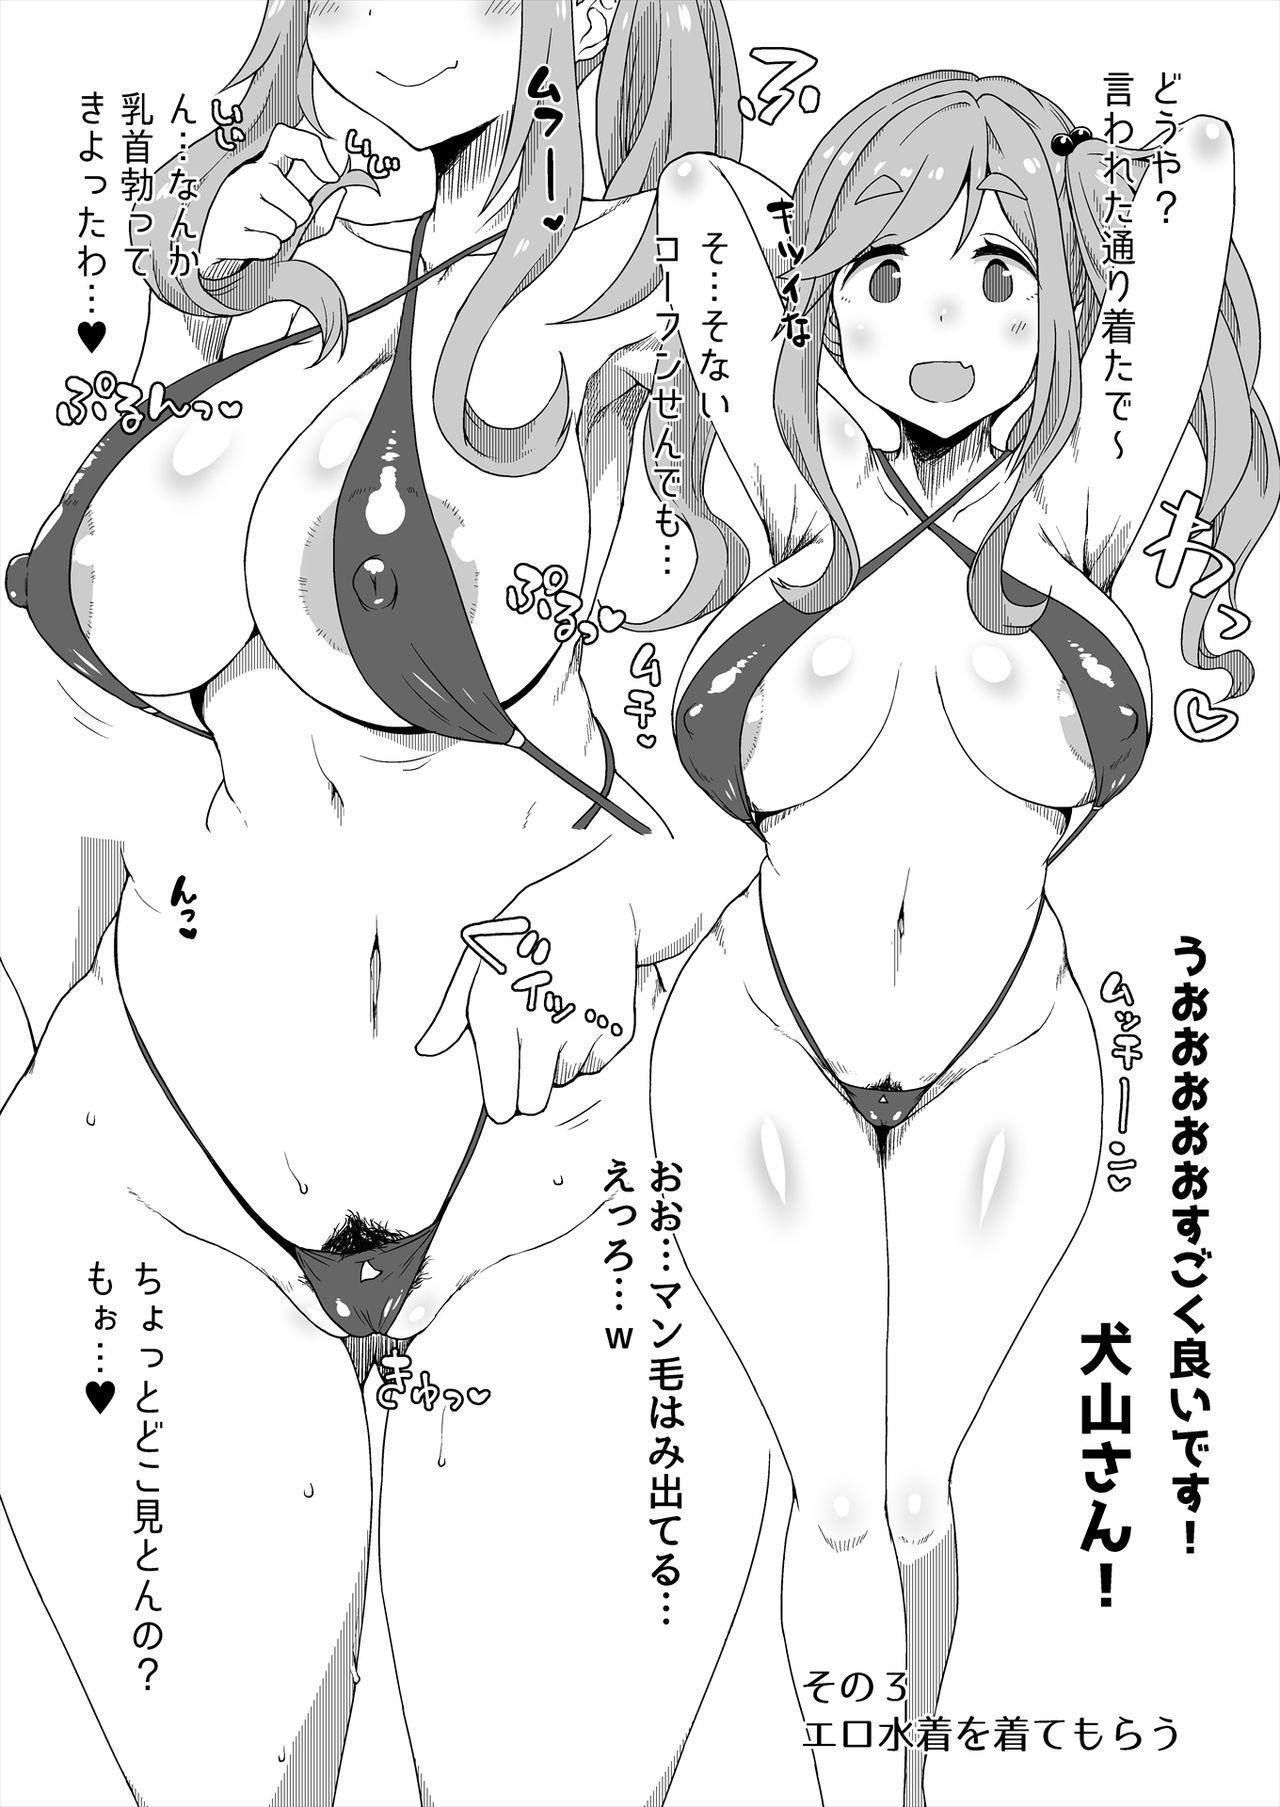 Omake no Matome+ 22